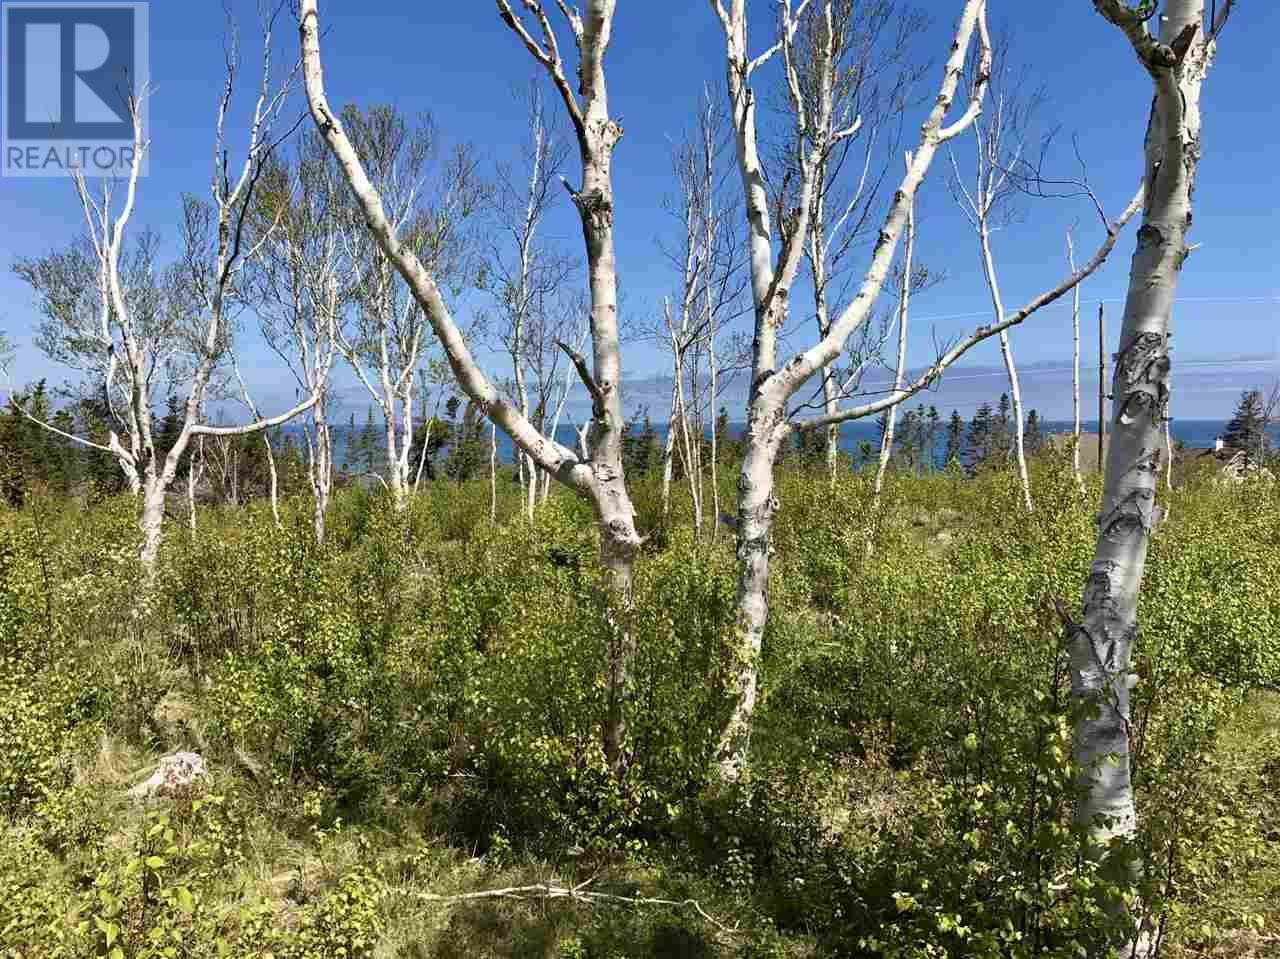 Lot 3 Seabrook Way, Doctors Brook, Nova Scotia  B2G 2L1 - Photo 2 - 202015810